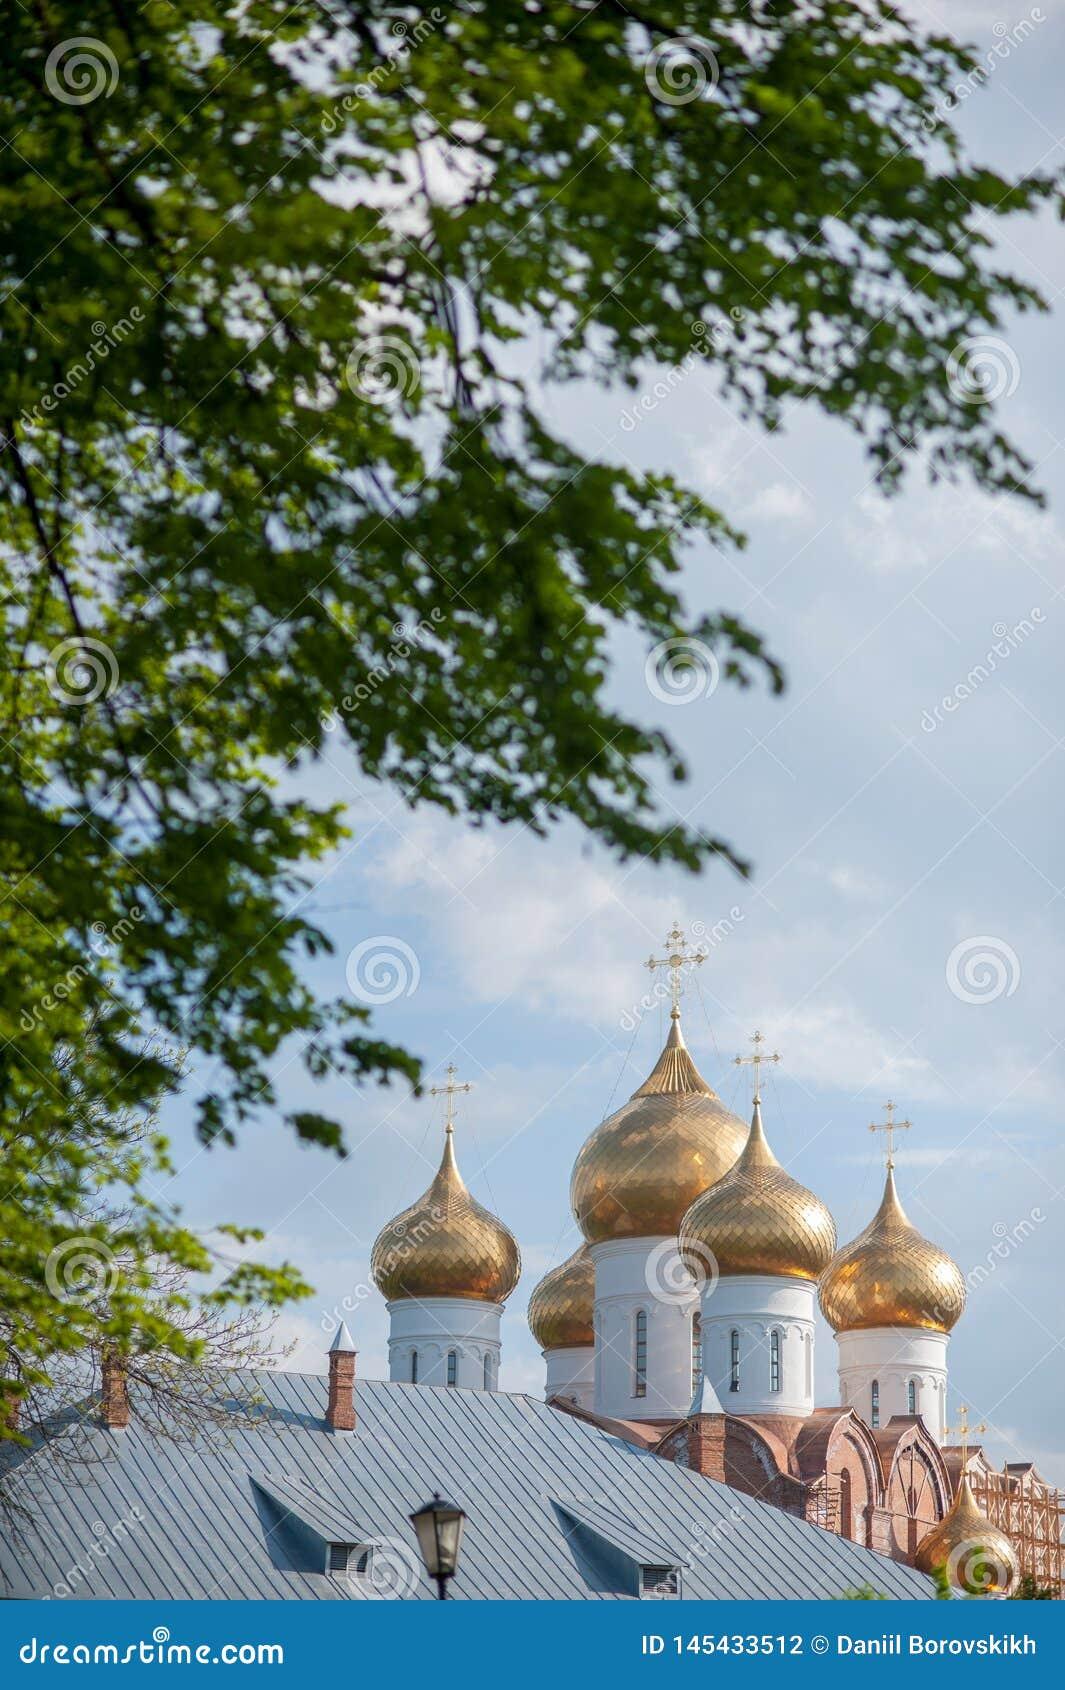 Koepels van een godsdienstig gebouw Kathedraal met zilveren koepels tegen de hemel